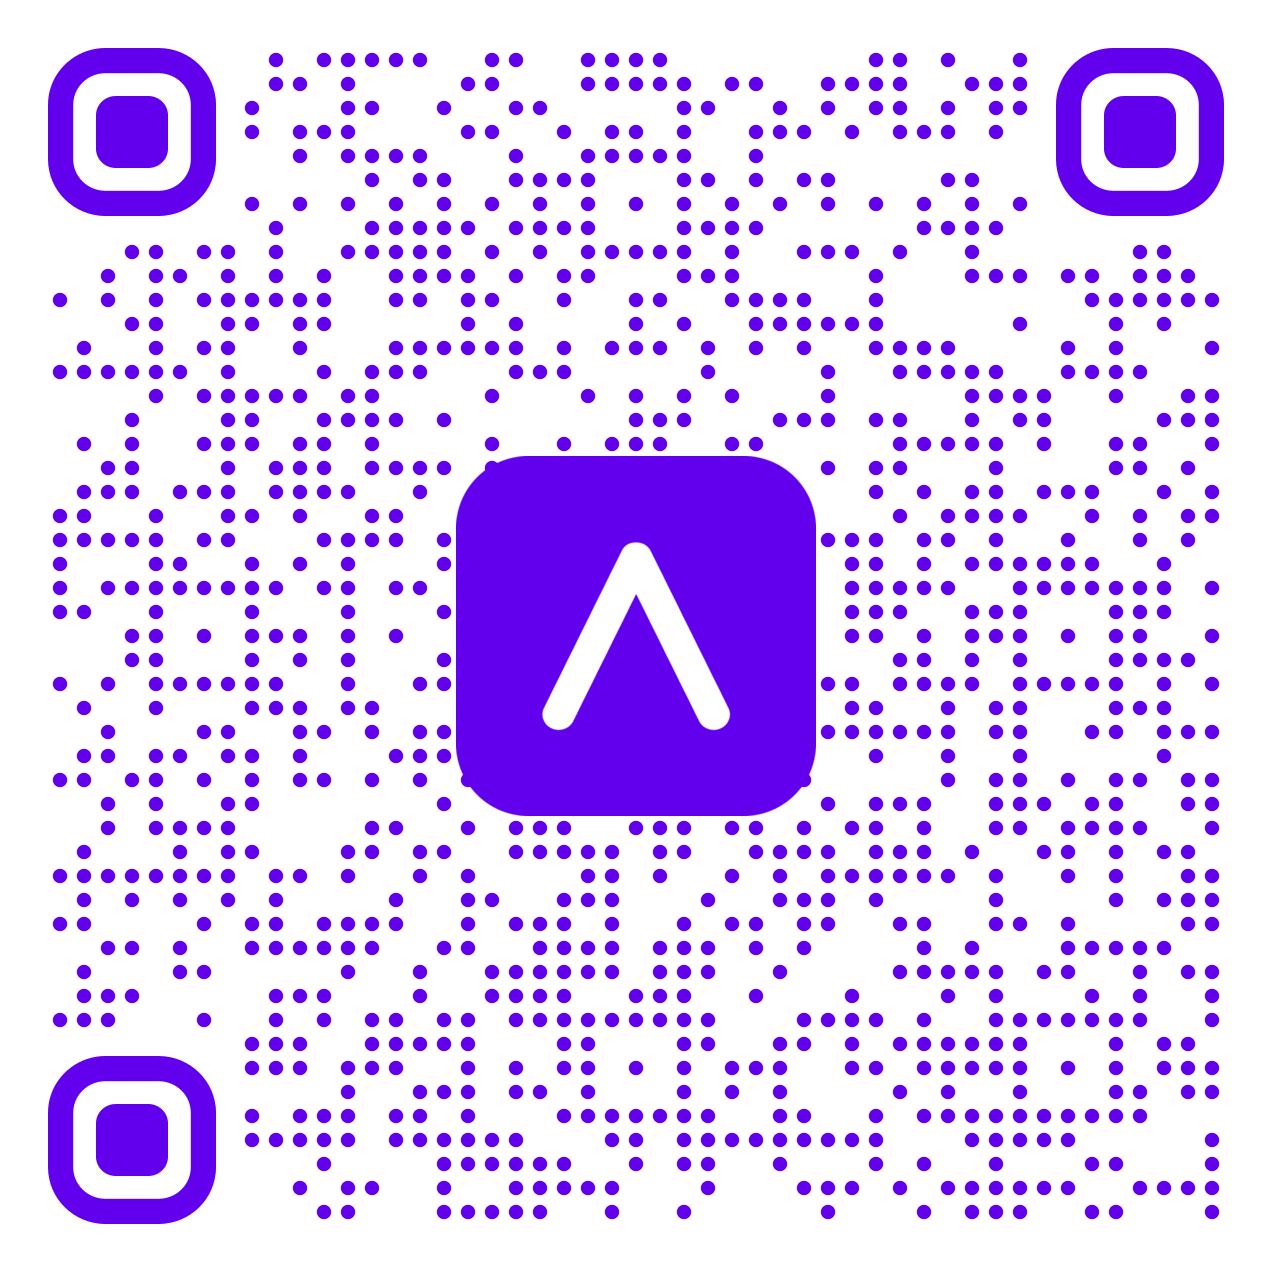 Código QR 5000